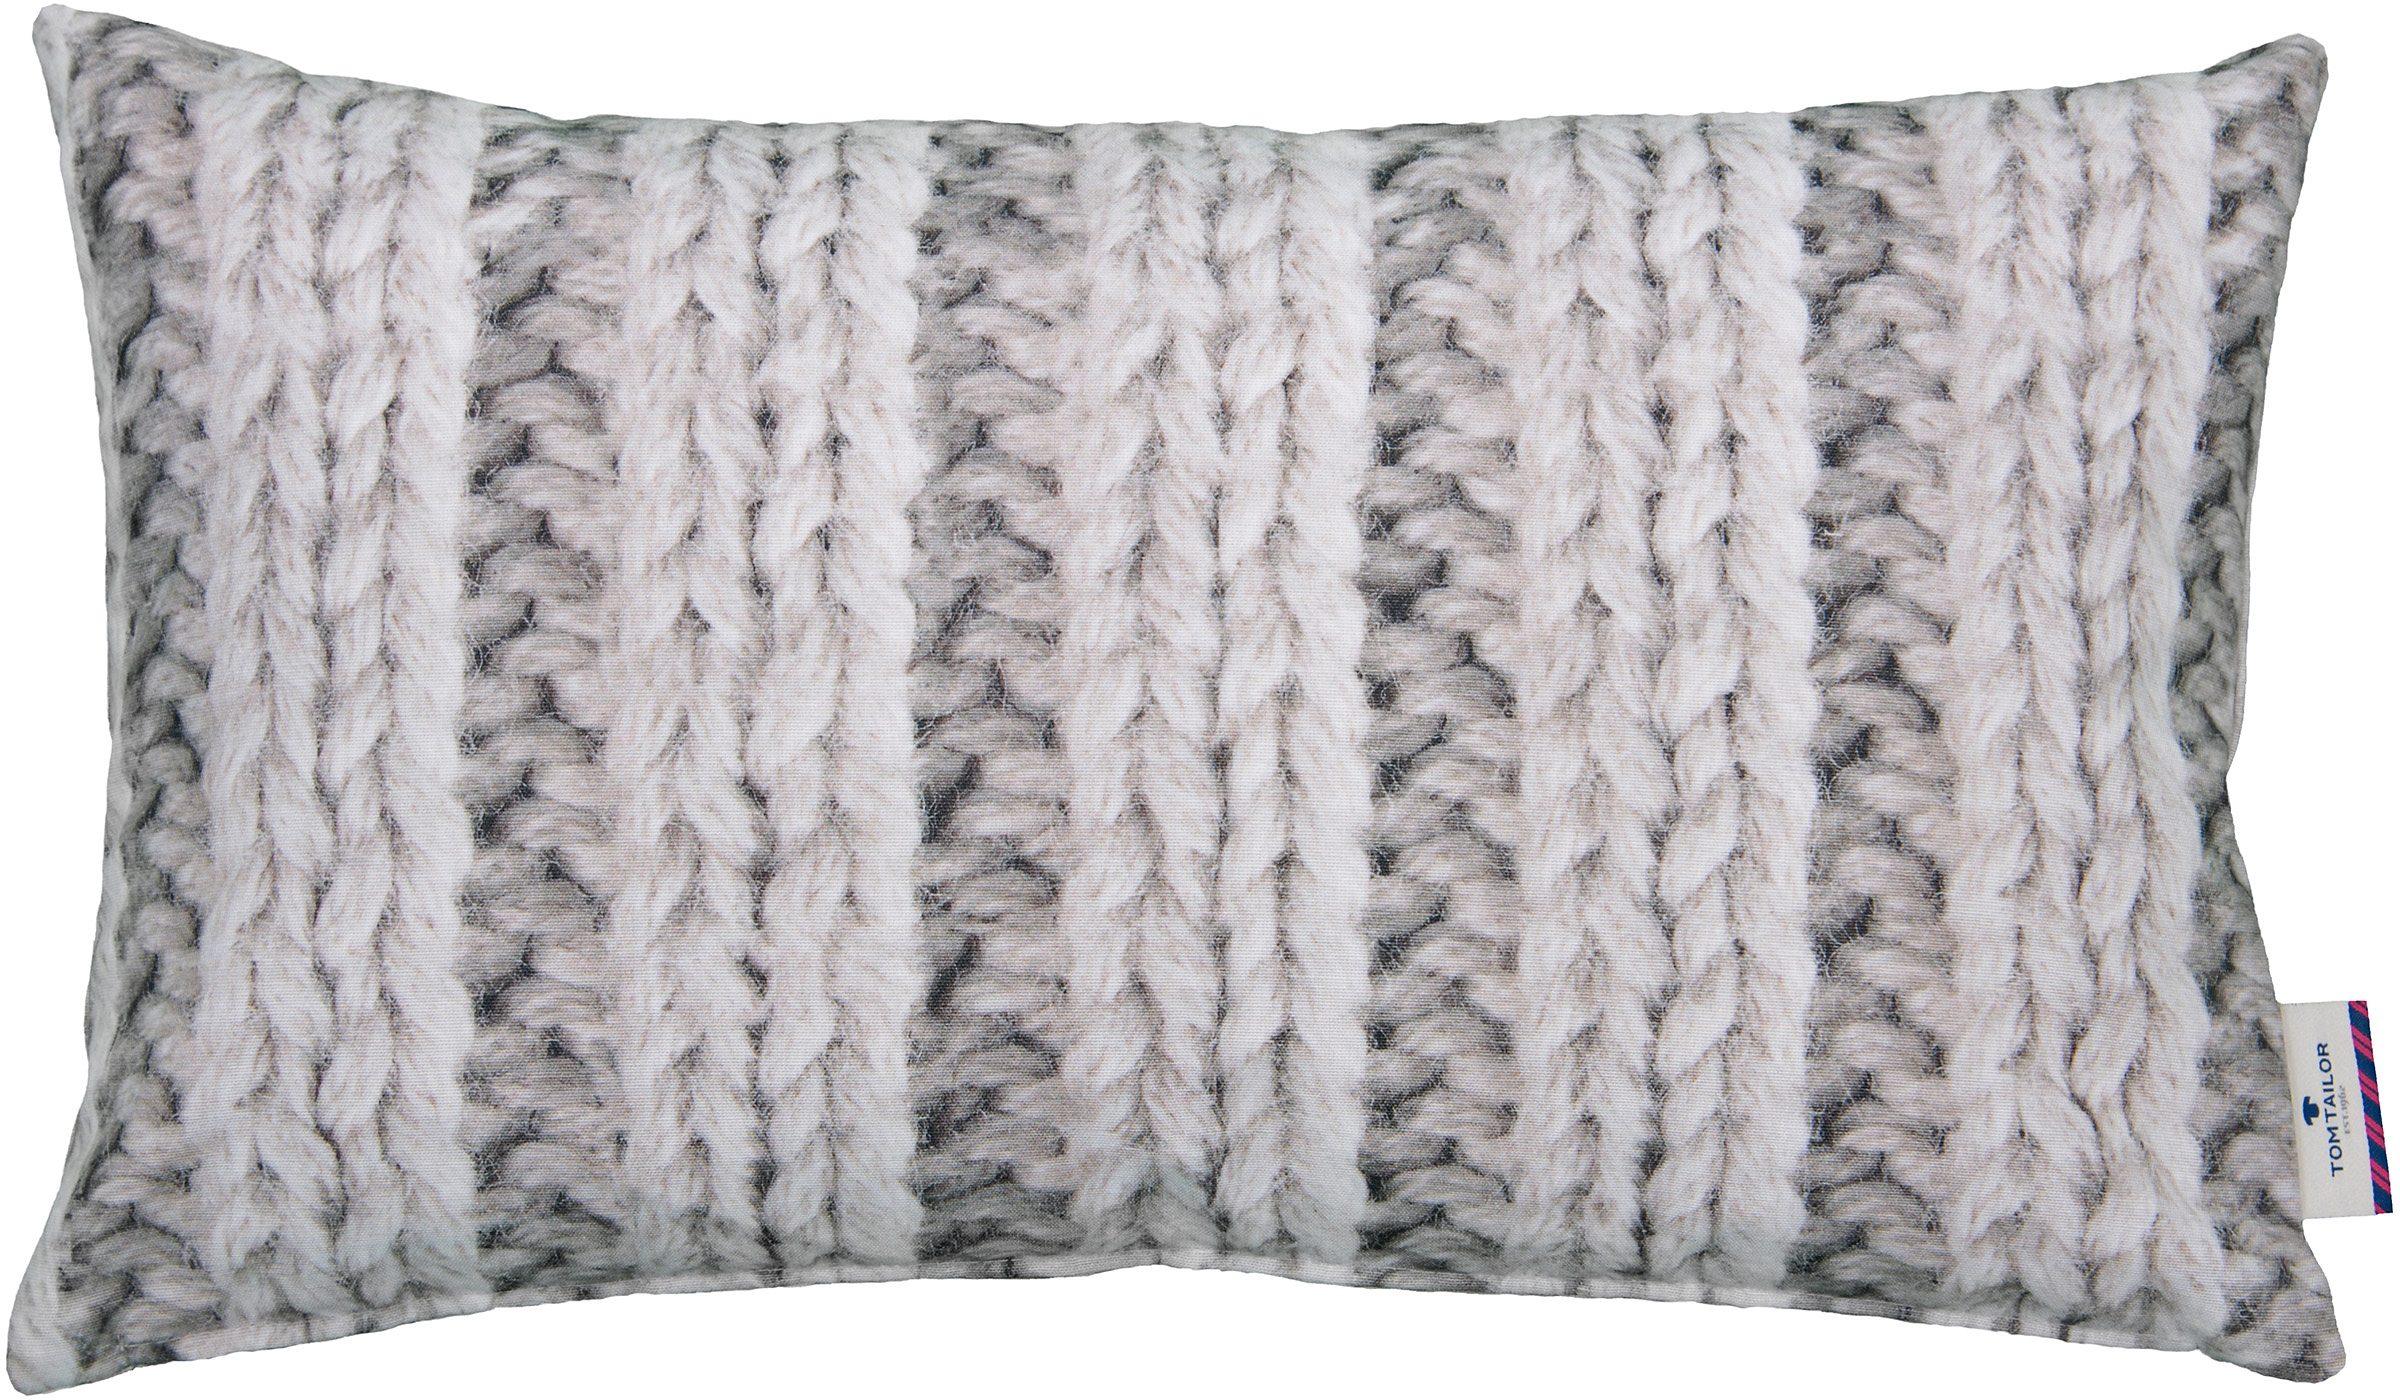 kissenh lle printed stitch tom tailor auf rechnung baur. Black Bedroom Furniture Sets. Home Design Ideas